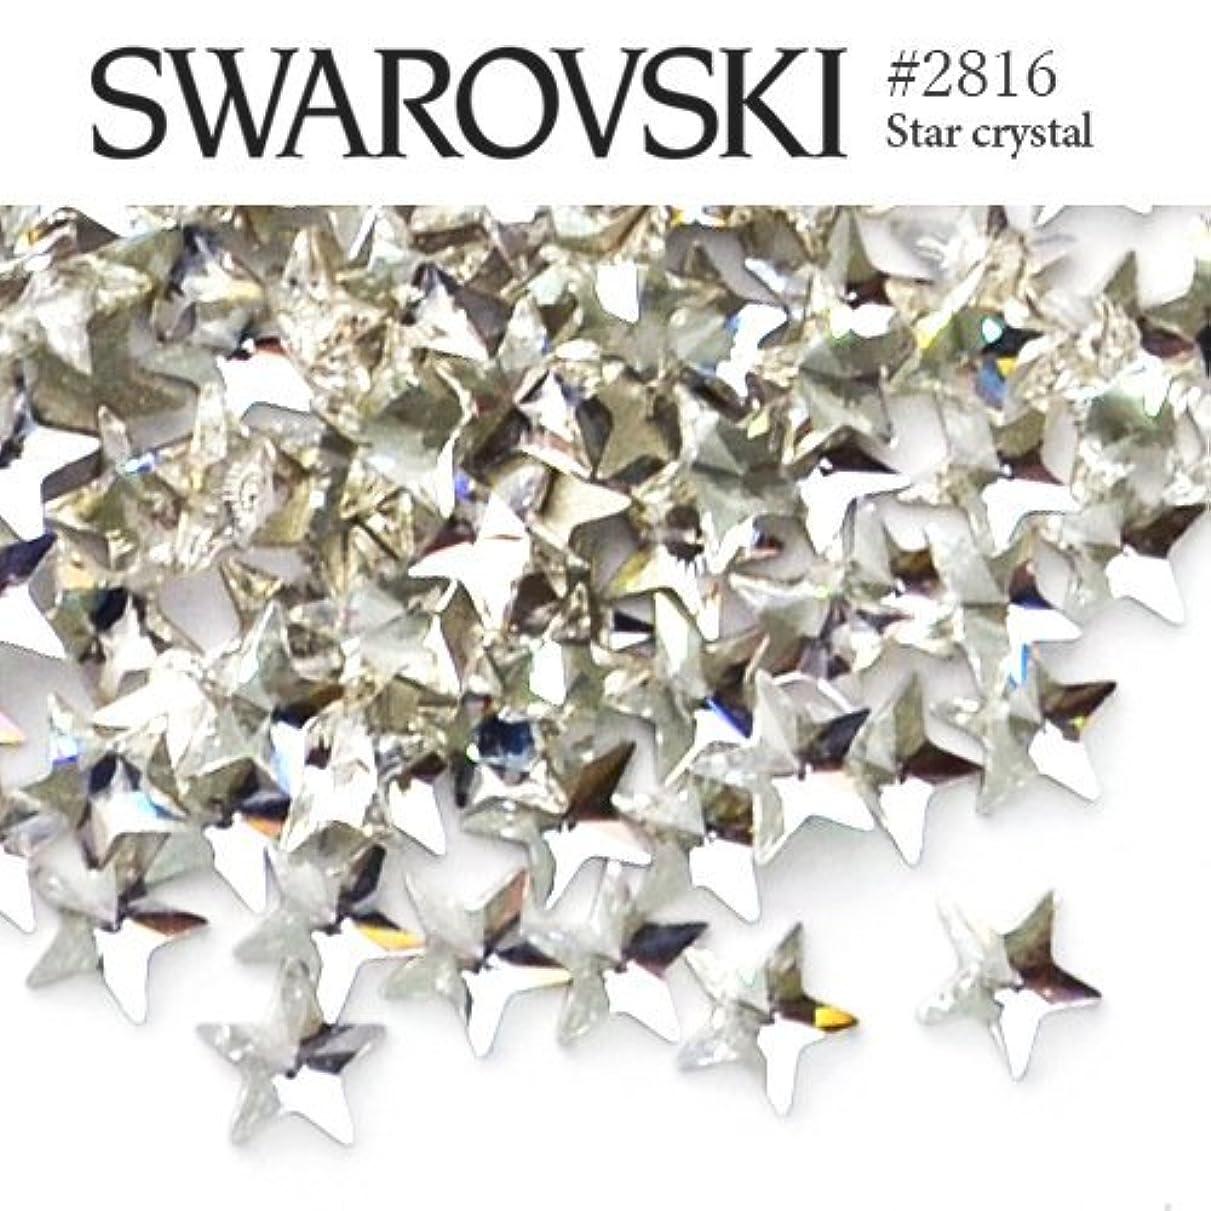 ゼリー変位印象派#2816 スター (星) [クリスタル] 5粒入り スワロフスキー ラインストーン レジン パーツ ネイルパーツ ジェルネイル デコパーツ スワロ